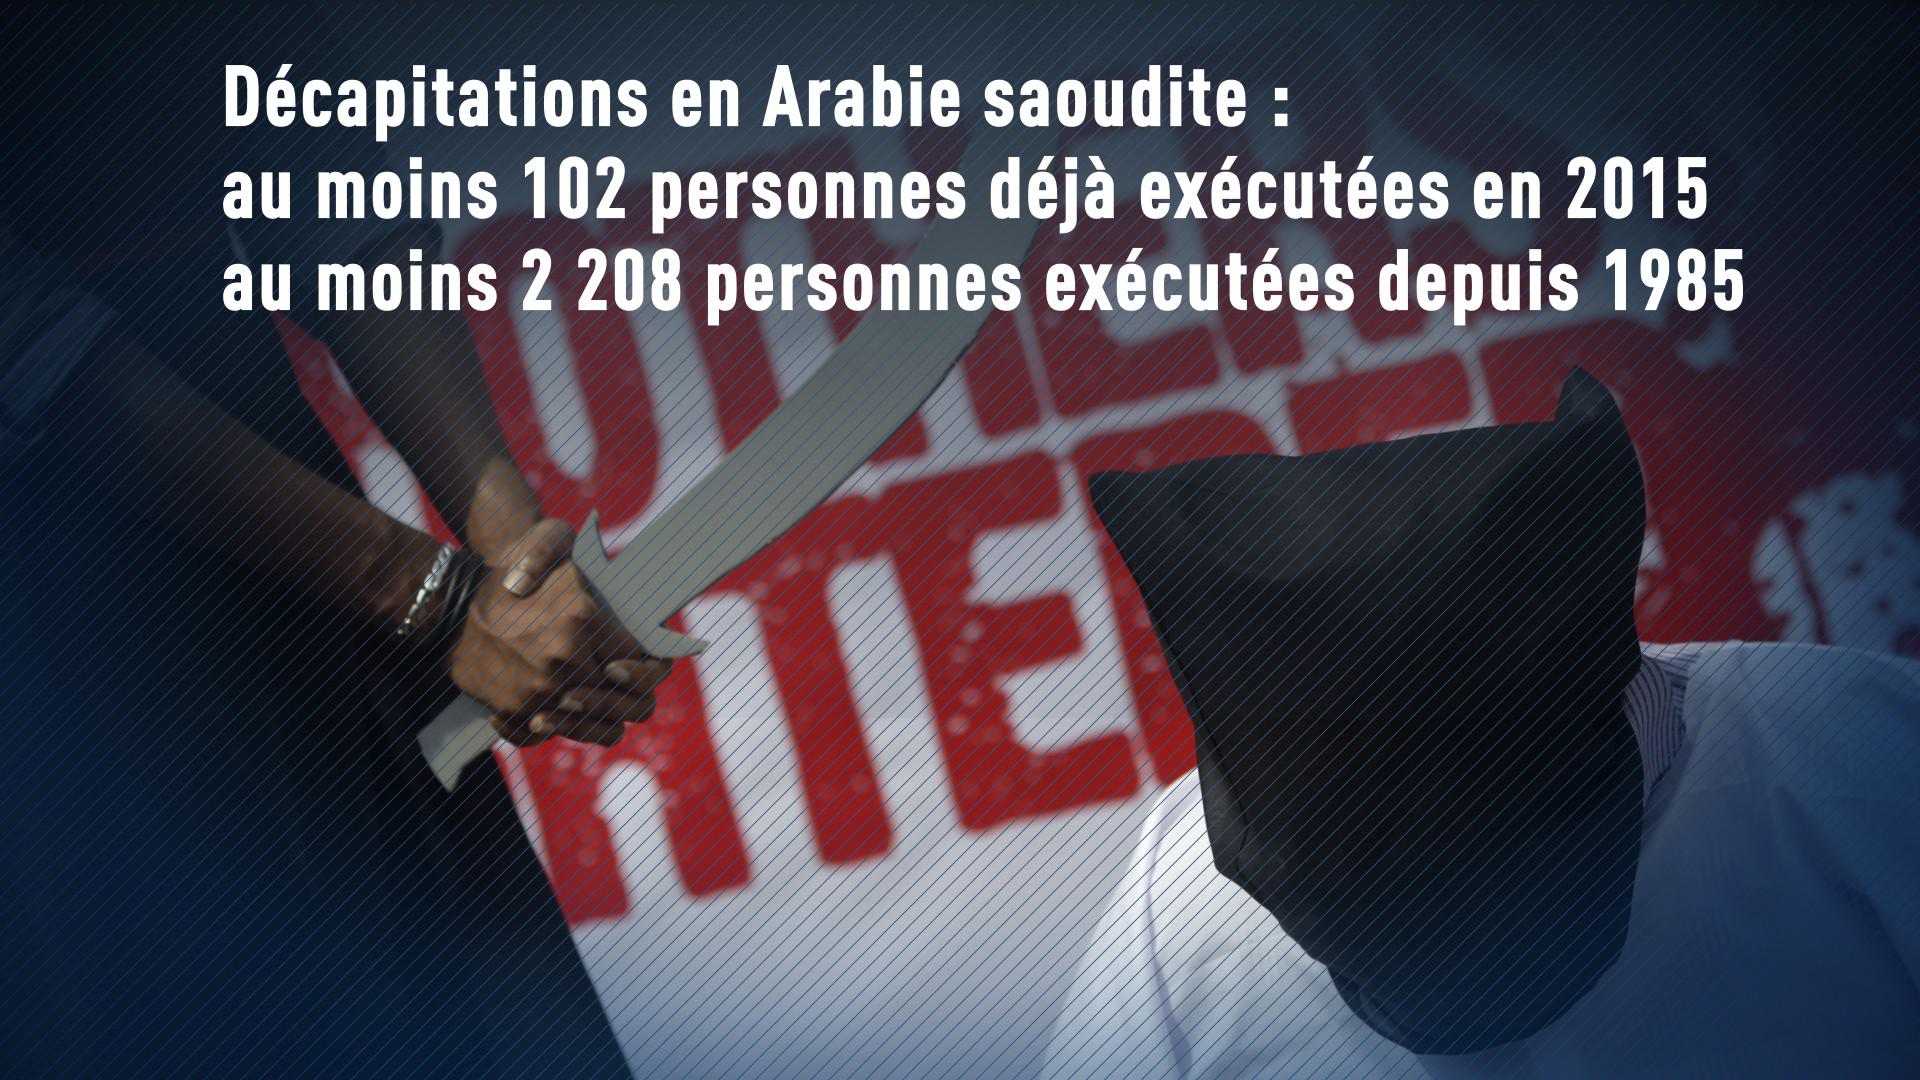 Des lobbyistes américains à la rescousse de l'image désastreuse de l'Arabie saoudite